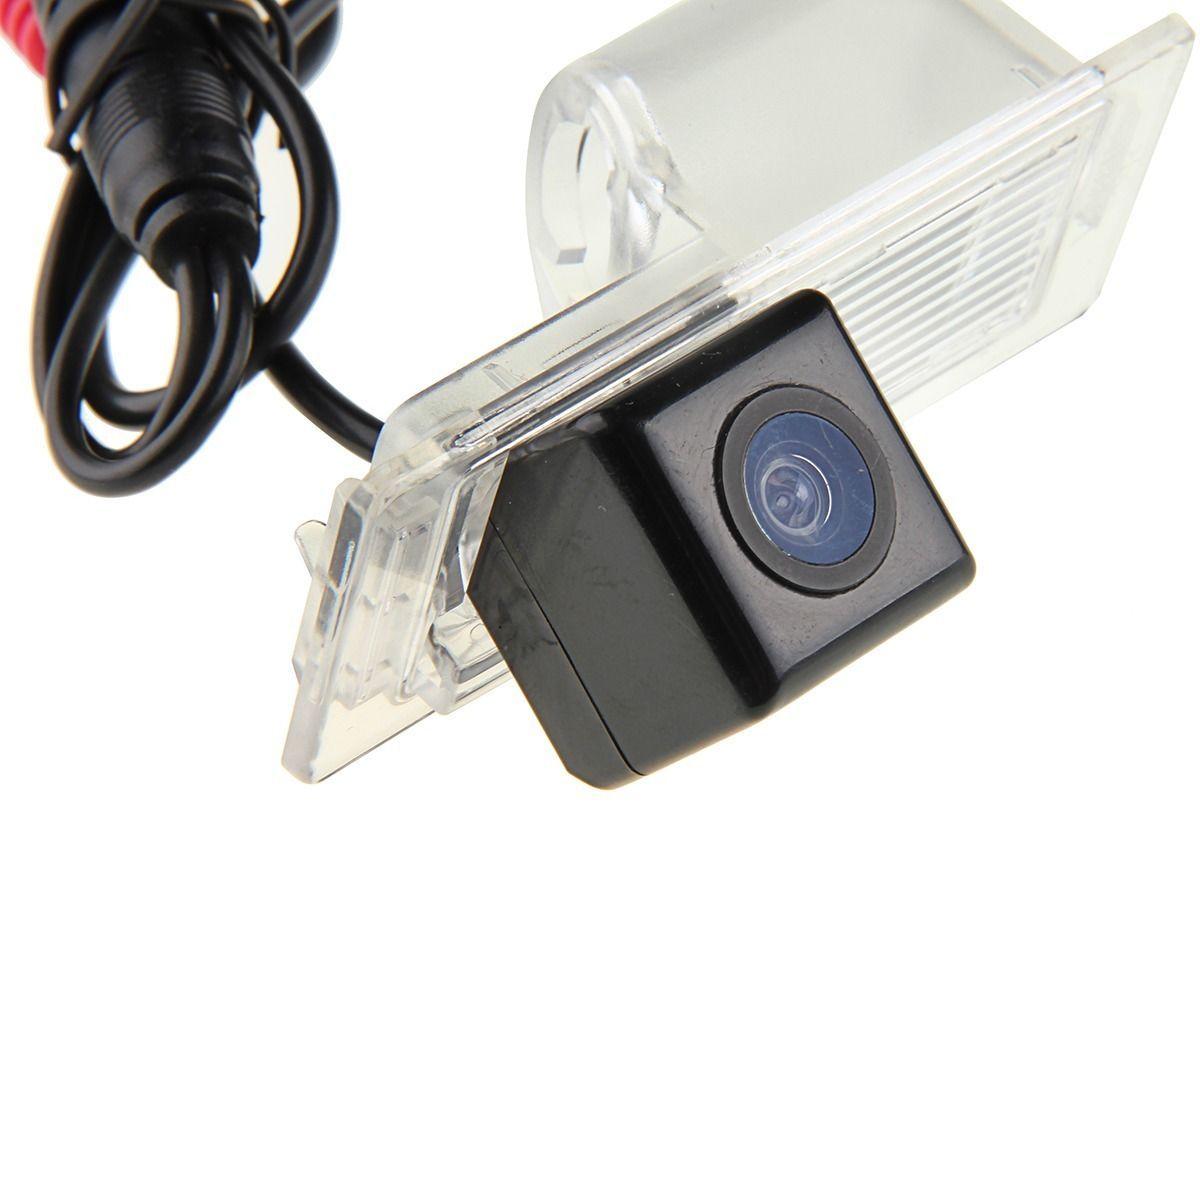 Para Cadillas SRX 2009-3013 / CTS 2007-2013 carro Câmera de Visão Traseira / Back Up Estacionamento Câmera HD CCD Night Vision